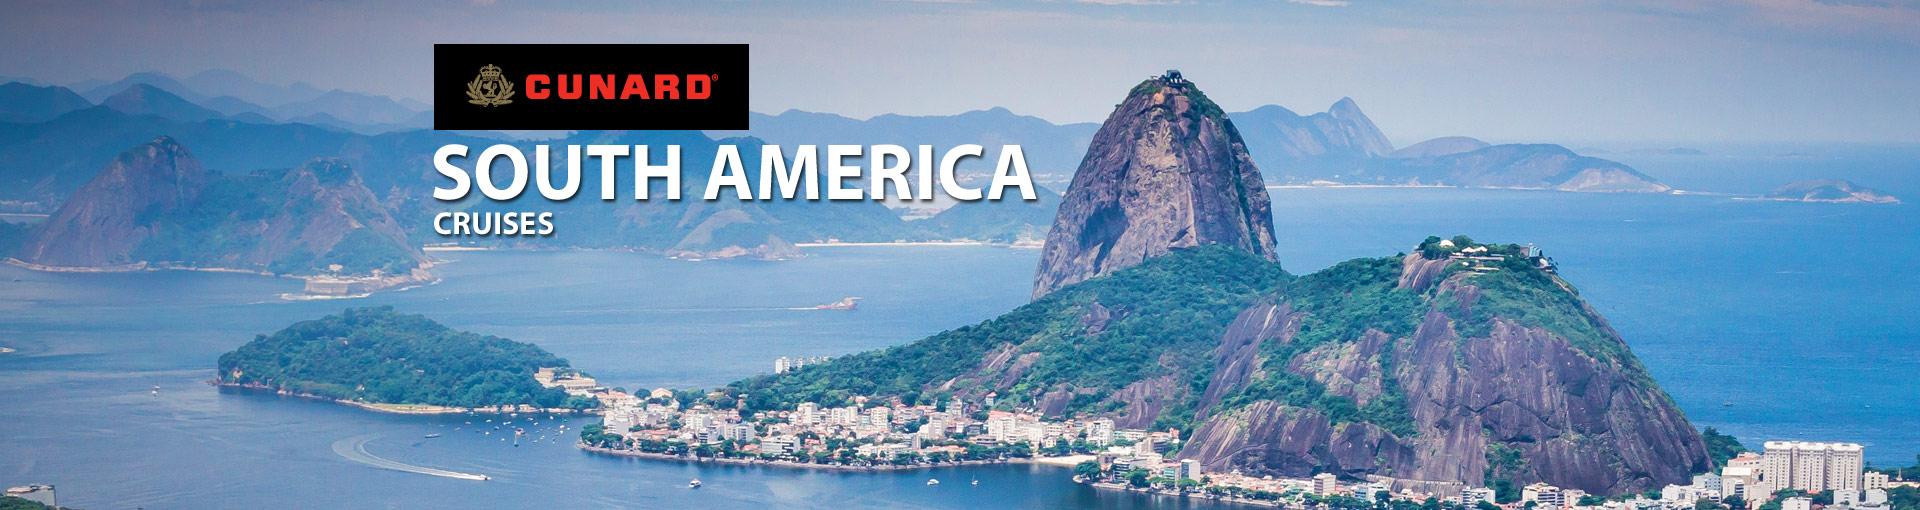 Cunard Line South America Cruises